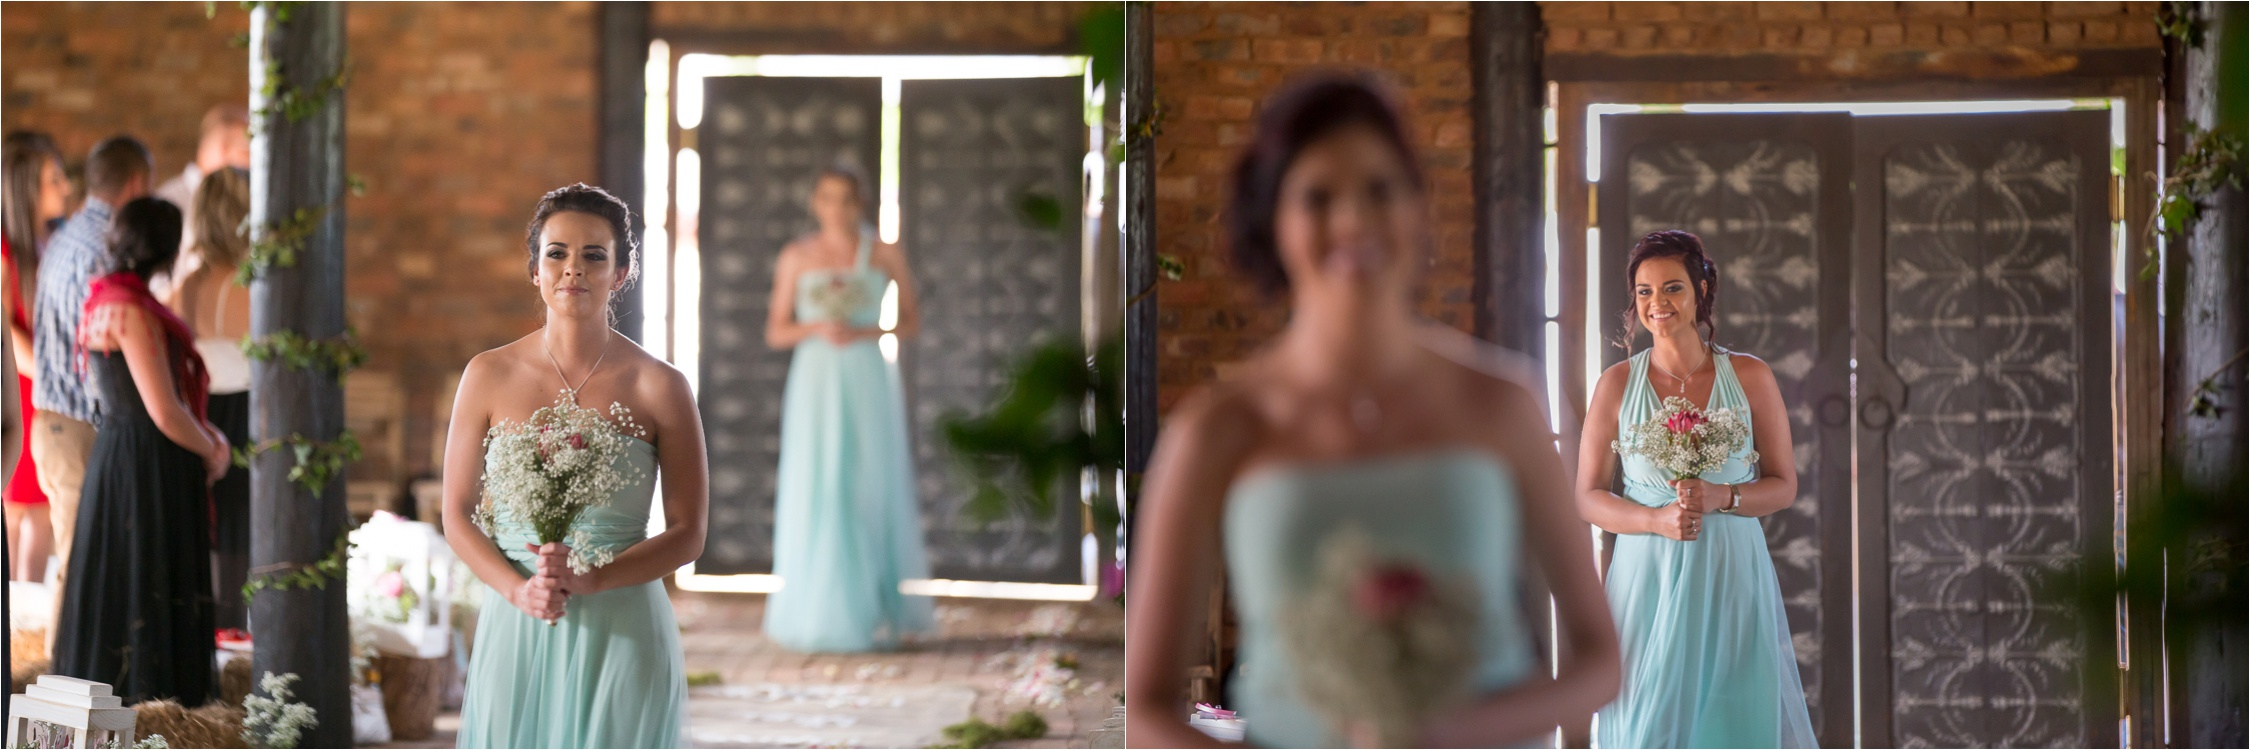 Die_Waenhuiskraal_wedding_Alicia_Dwayne_39